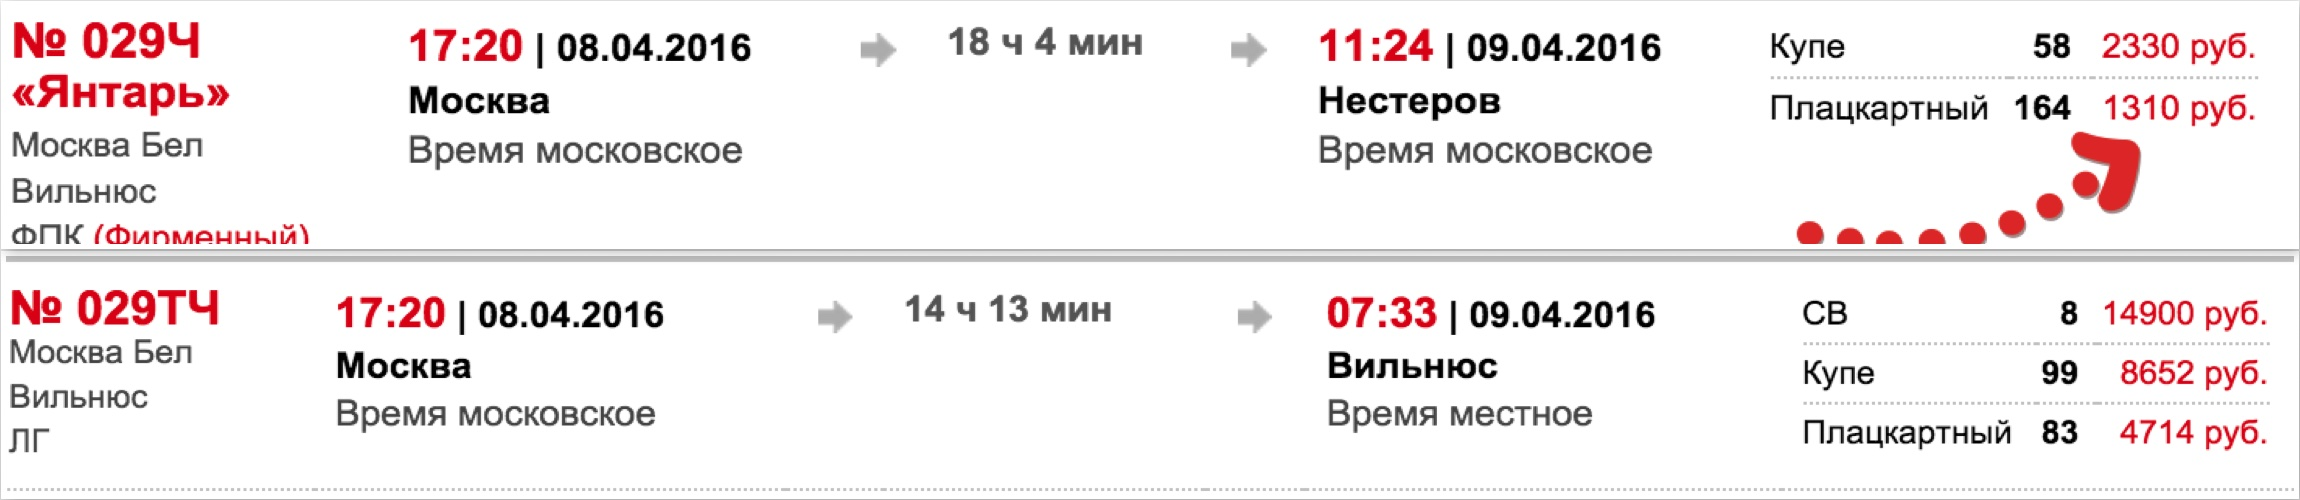 Купить билет на поезд из москвы в вильнюсе касса купить билет самолет